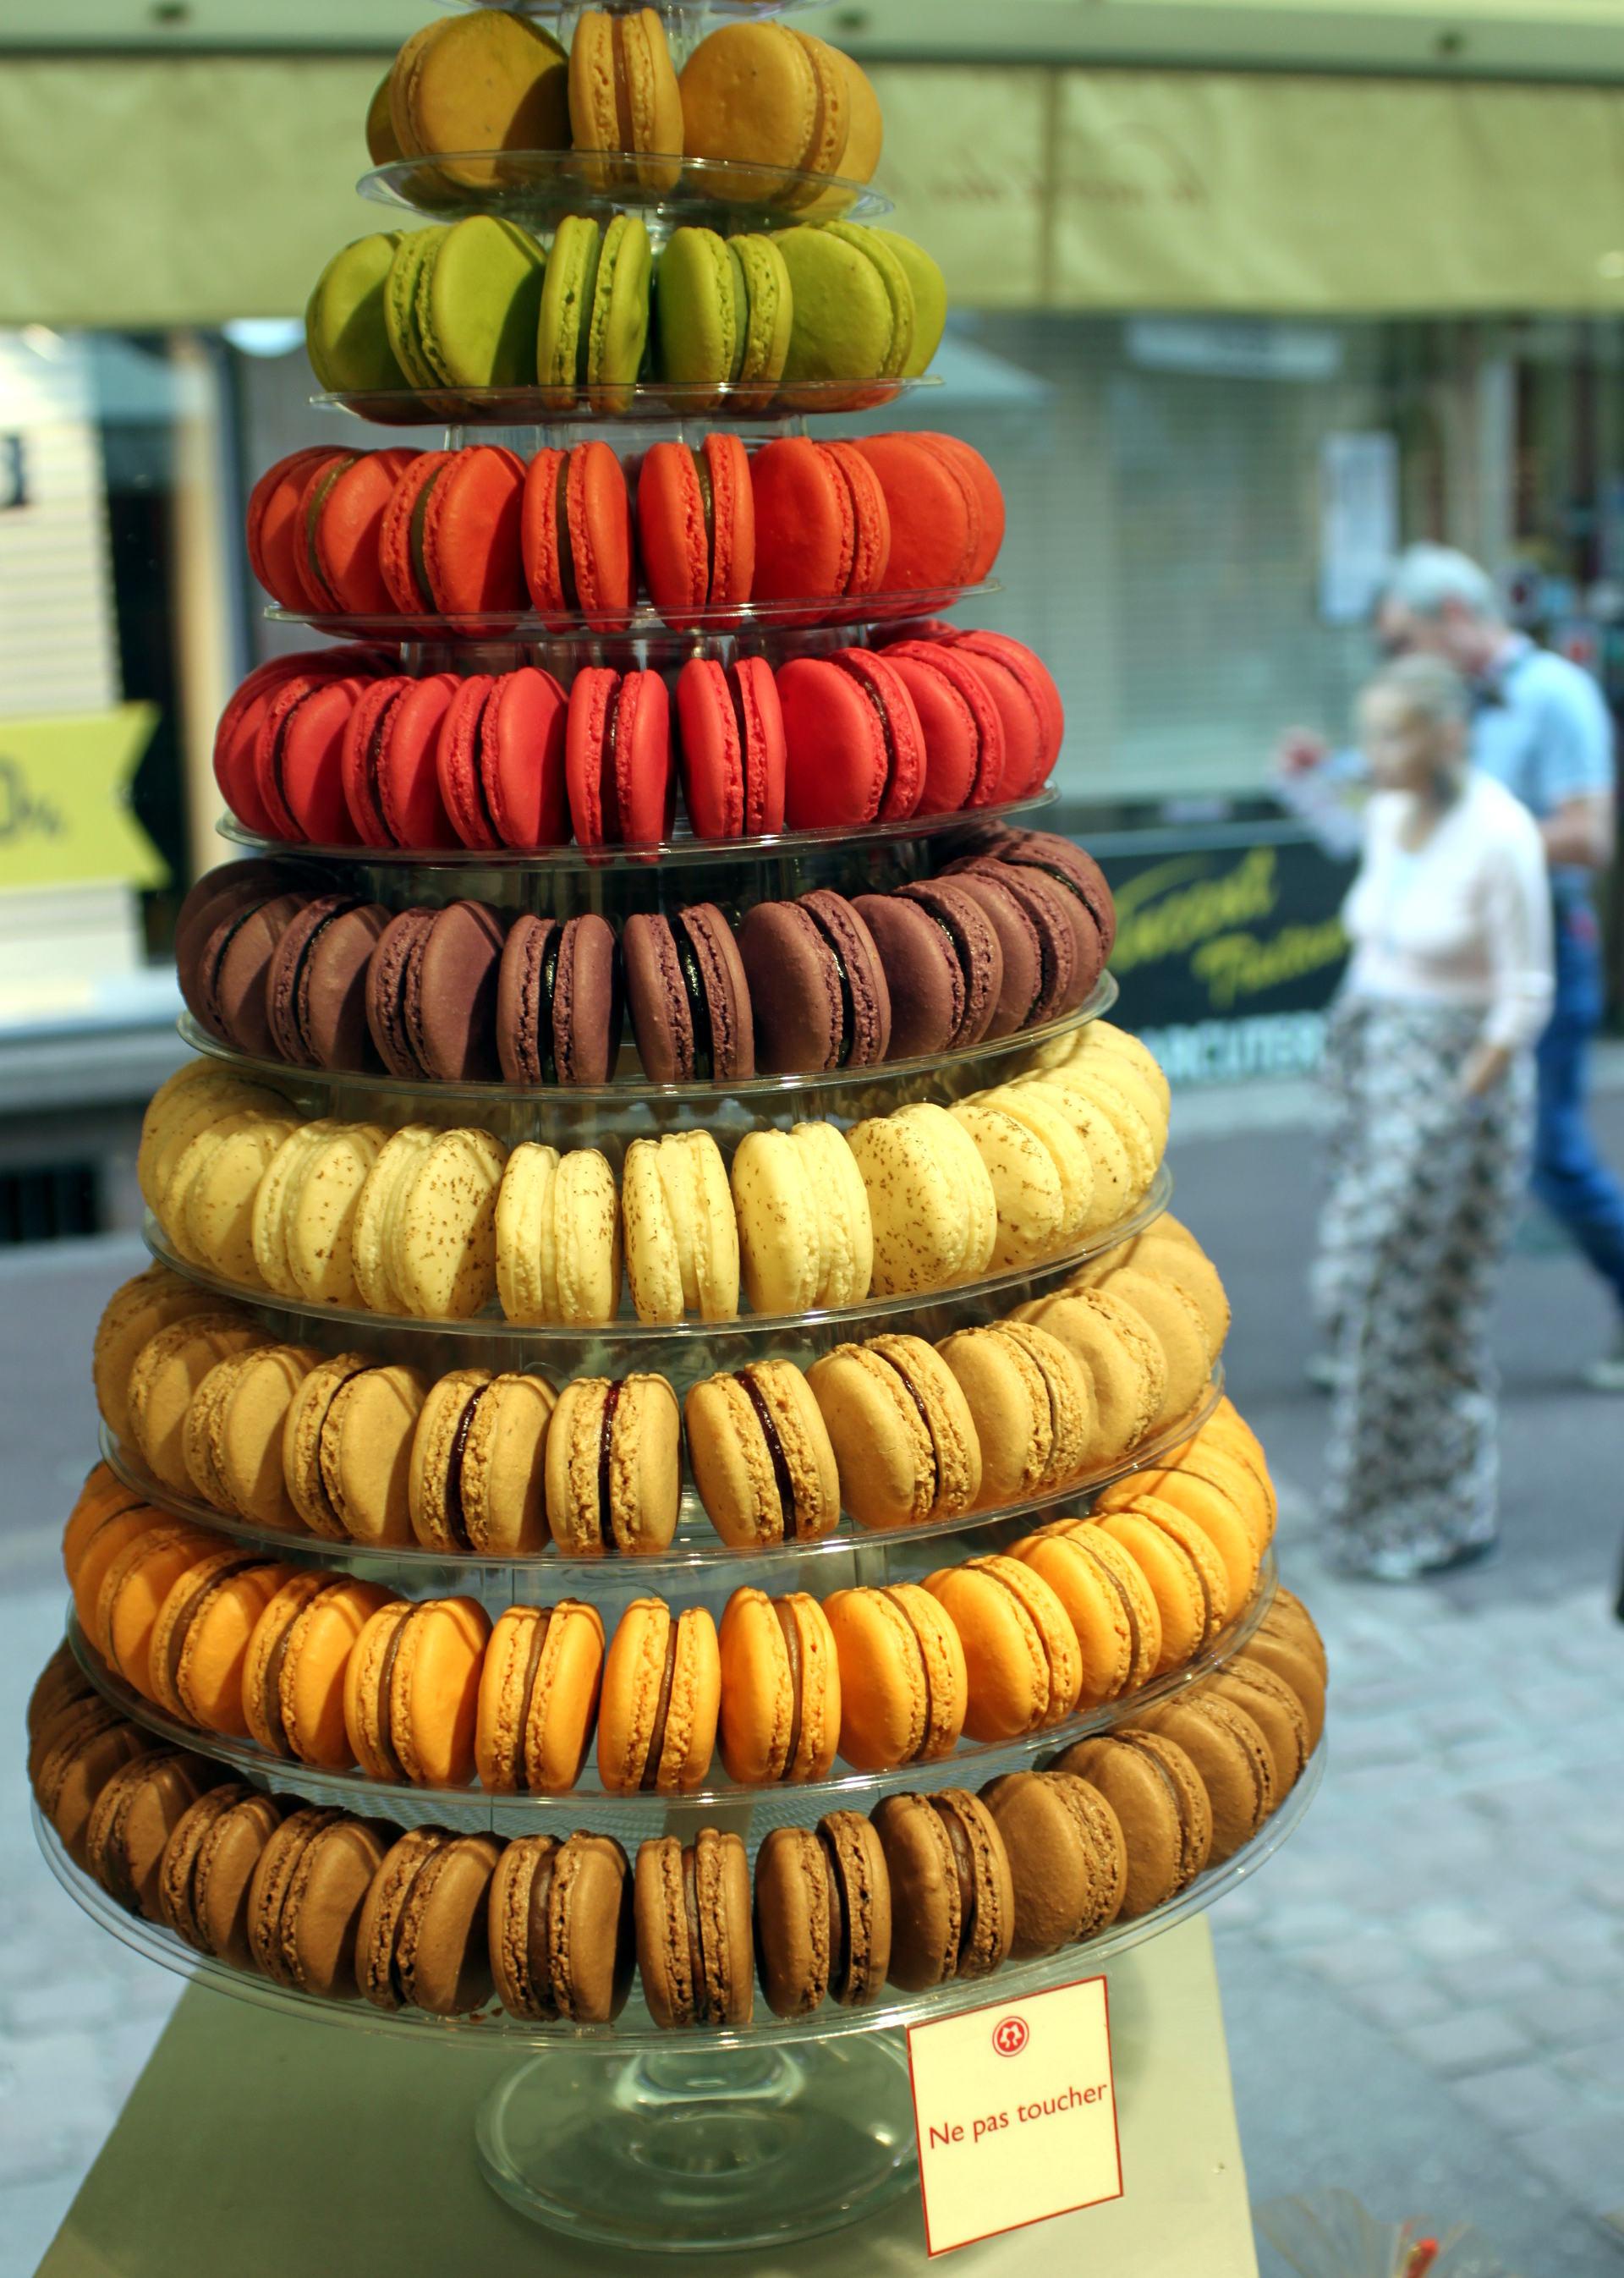 francuskie słodycze: makaroniki iglawpodrozy